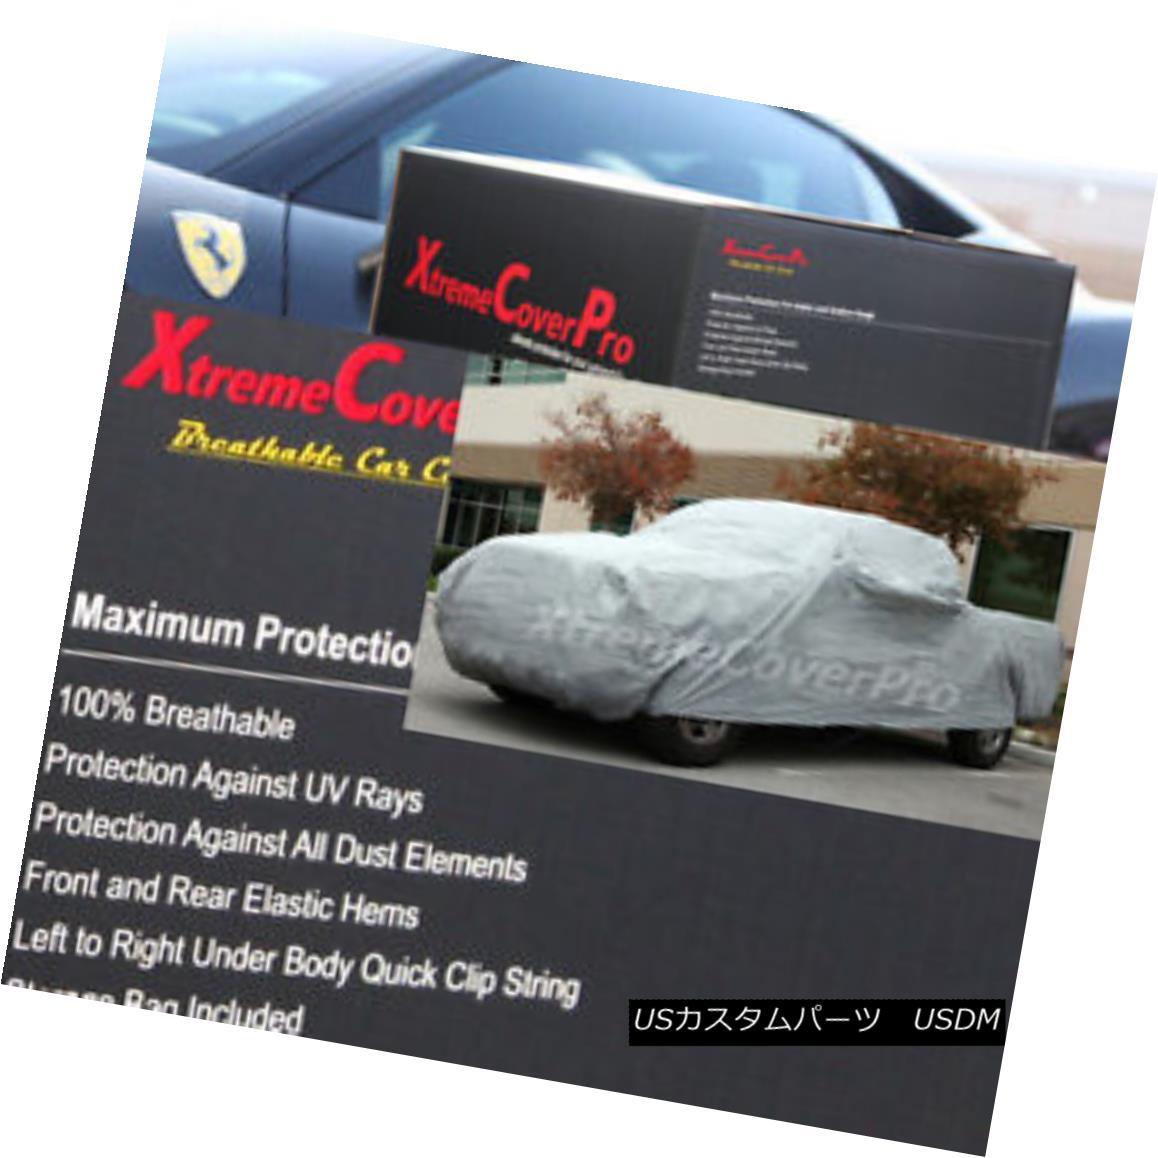 カーカバー 1999 2000 2001 2002 Ford F-350 Reg Cab 8ft Bed Breathable Truck Cover 1999 2000 2001 2002フォードF-350レッグキャブ8フィートベッド通気性トラックカバー